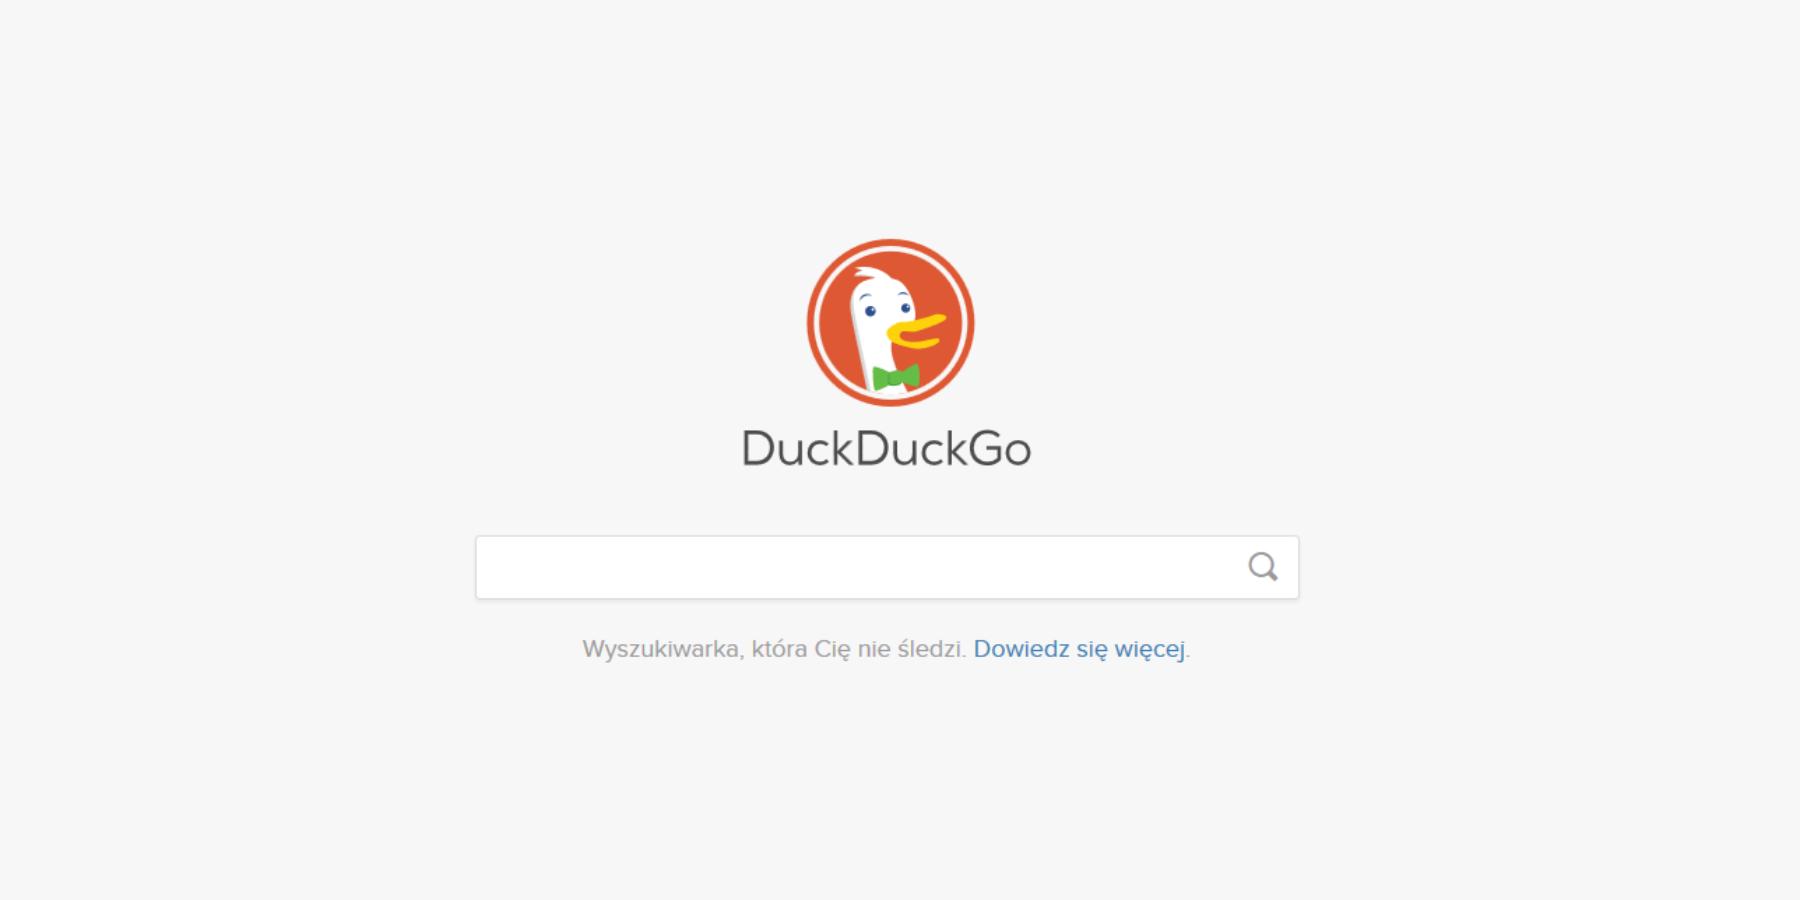 DuckDuckGo, czyli wyszukiwarka, któranieśledzi użytkownika